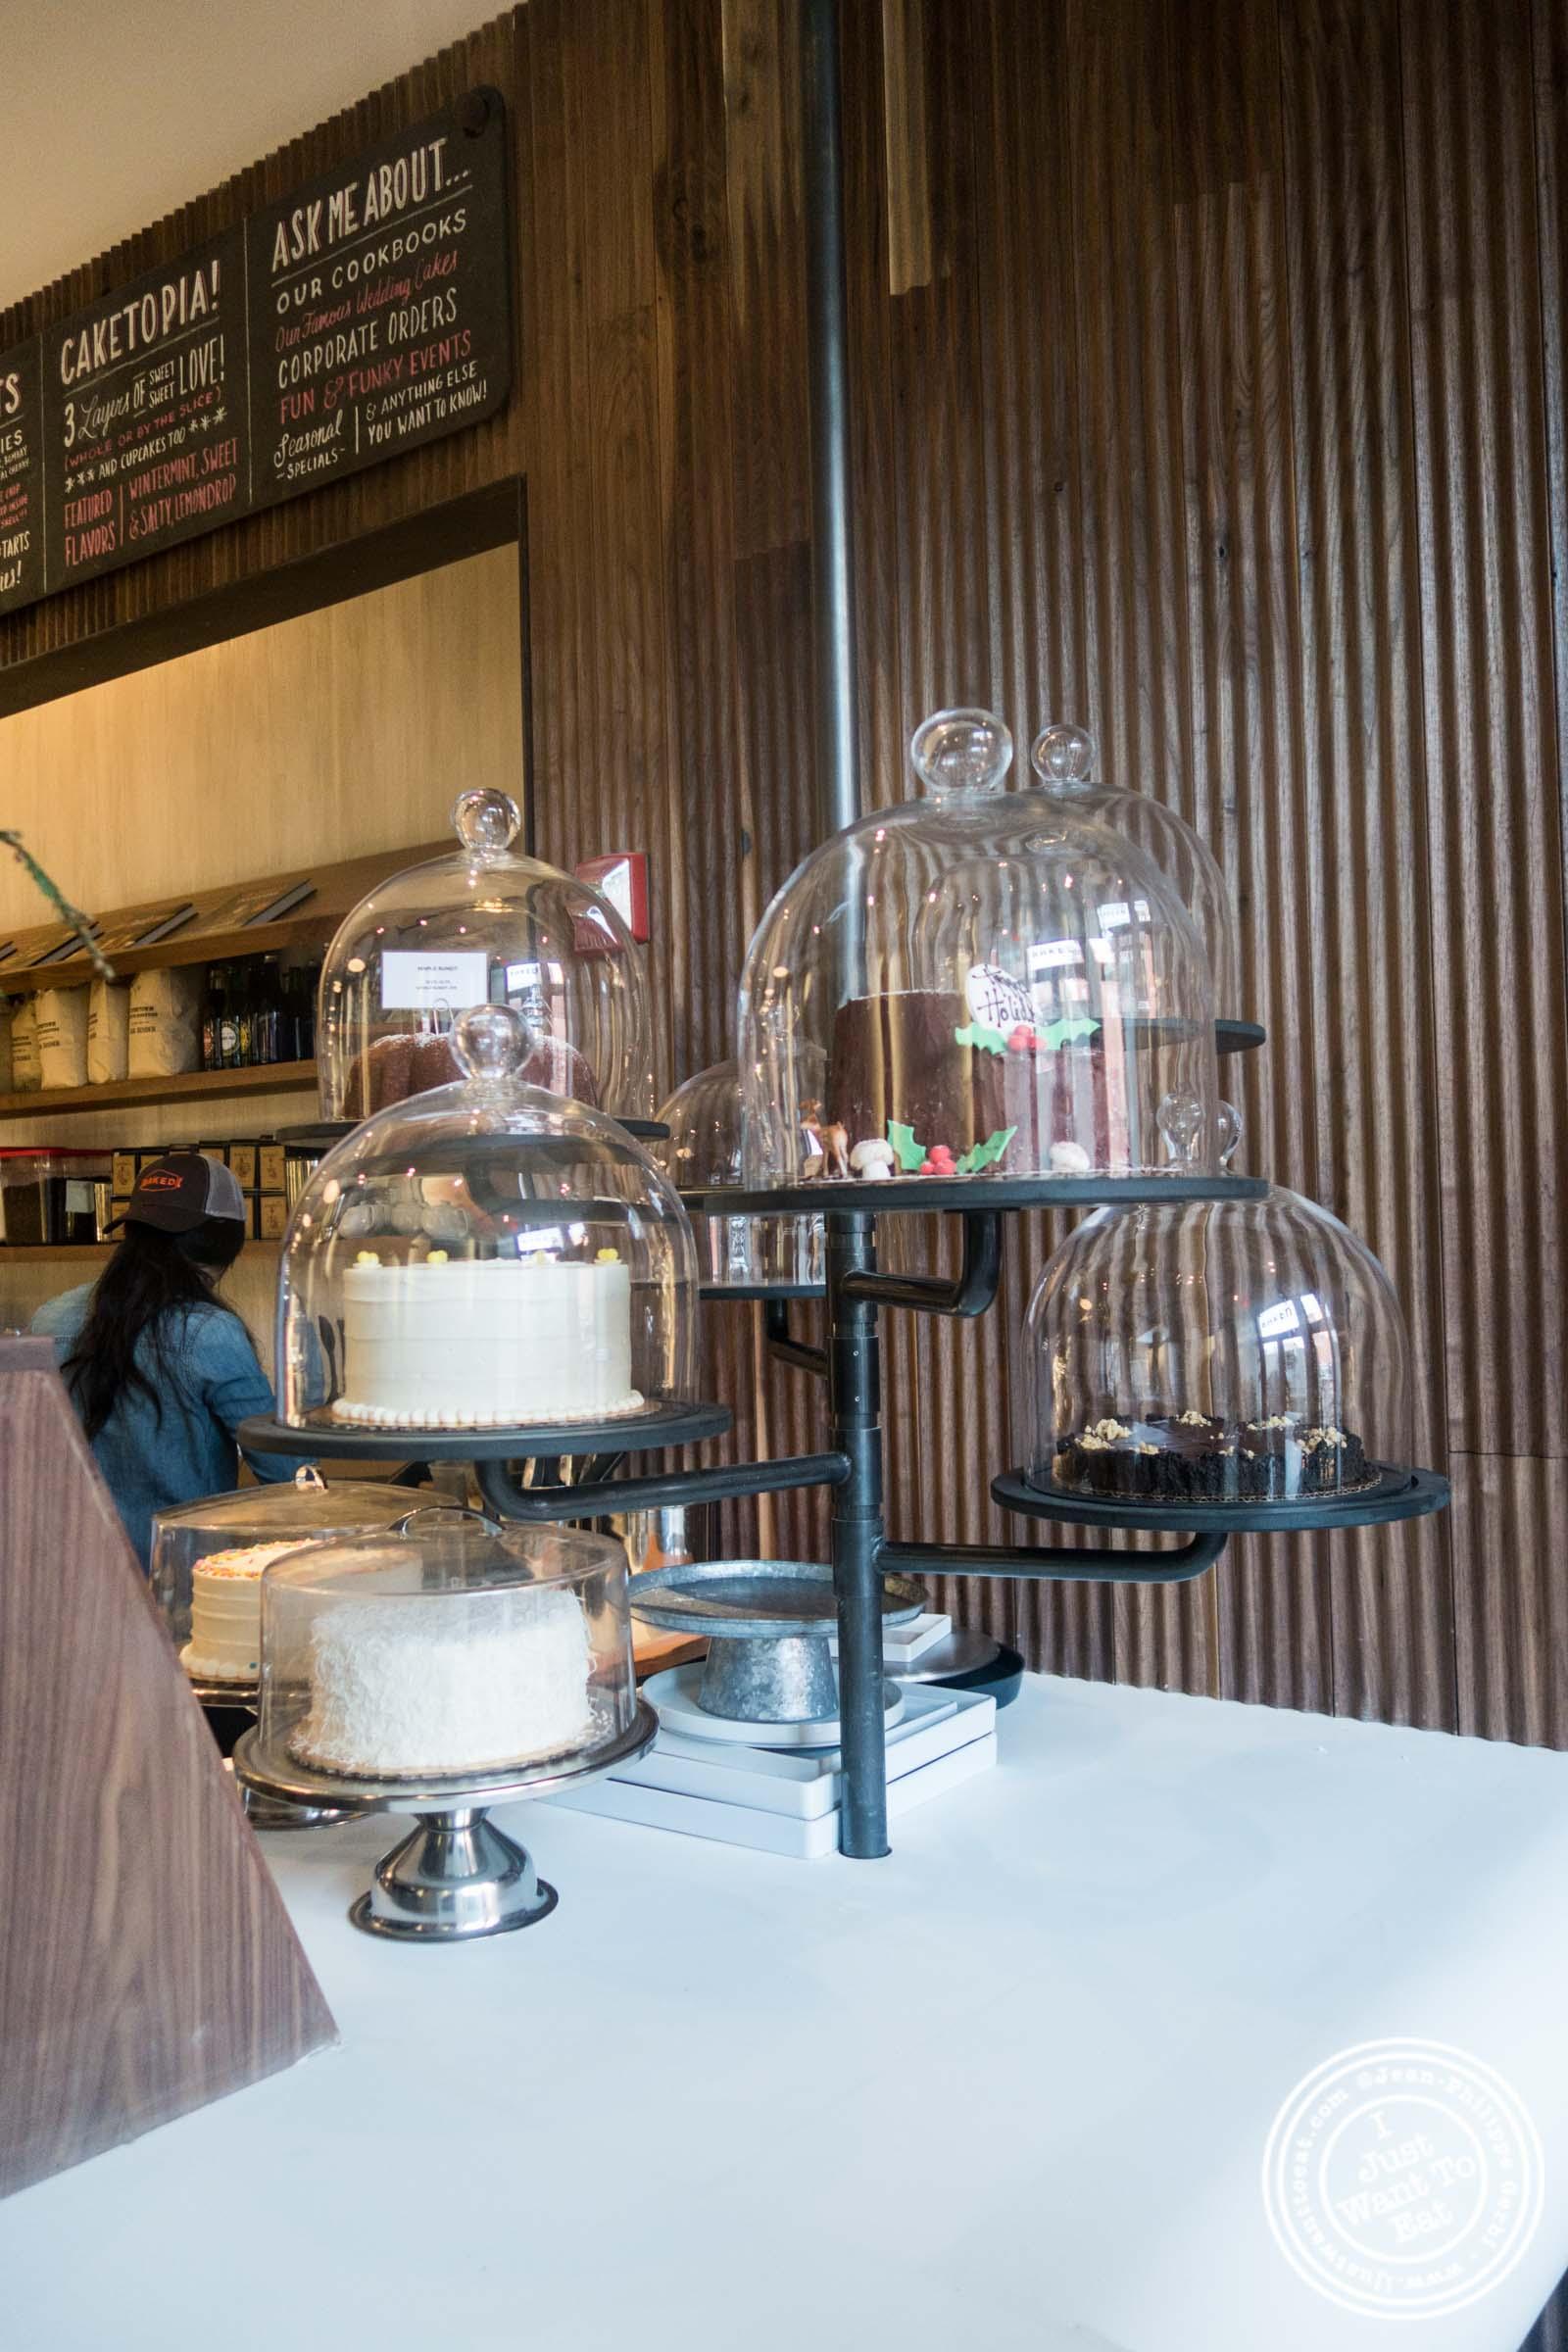 Cake pole atBaked, Bakery in TriBeca, New York, NY